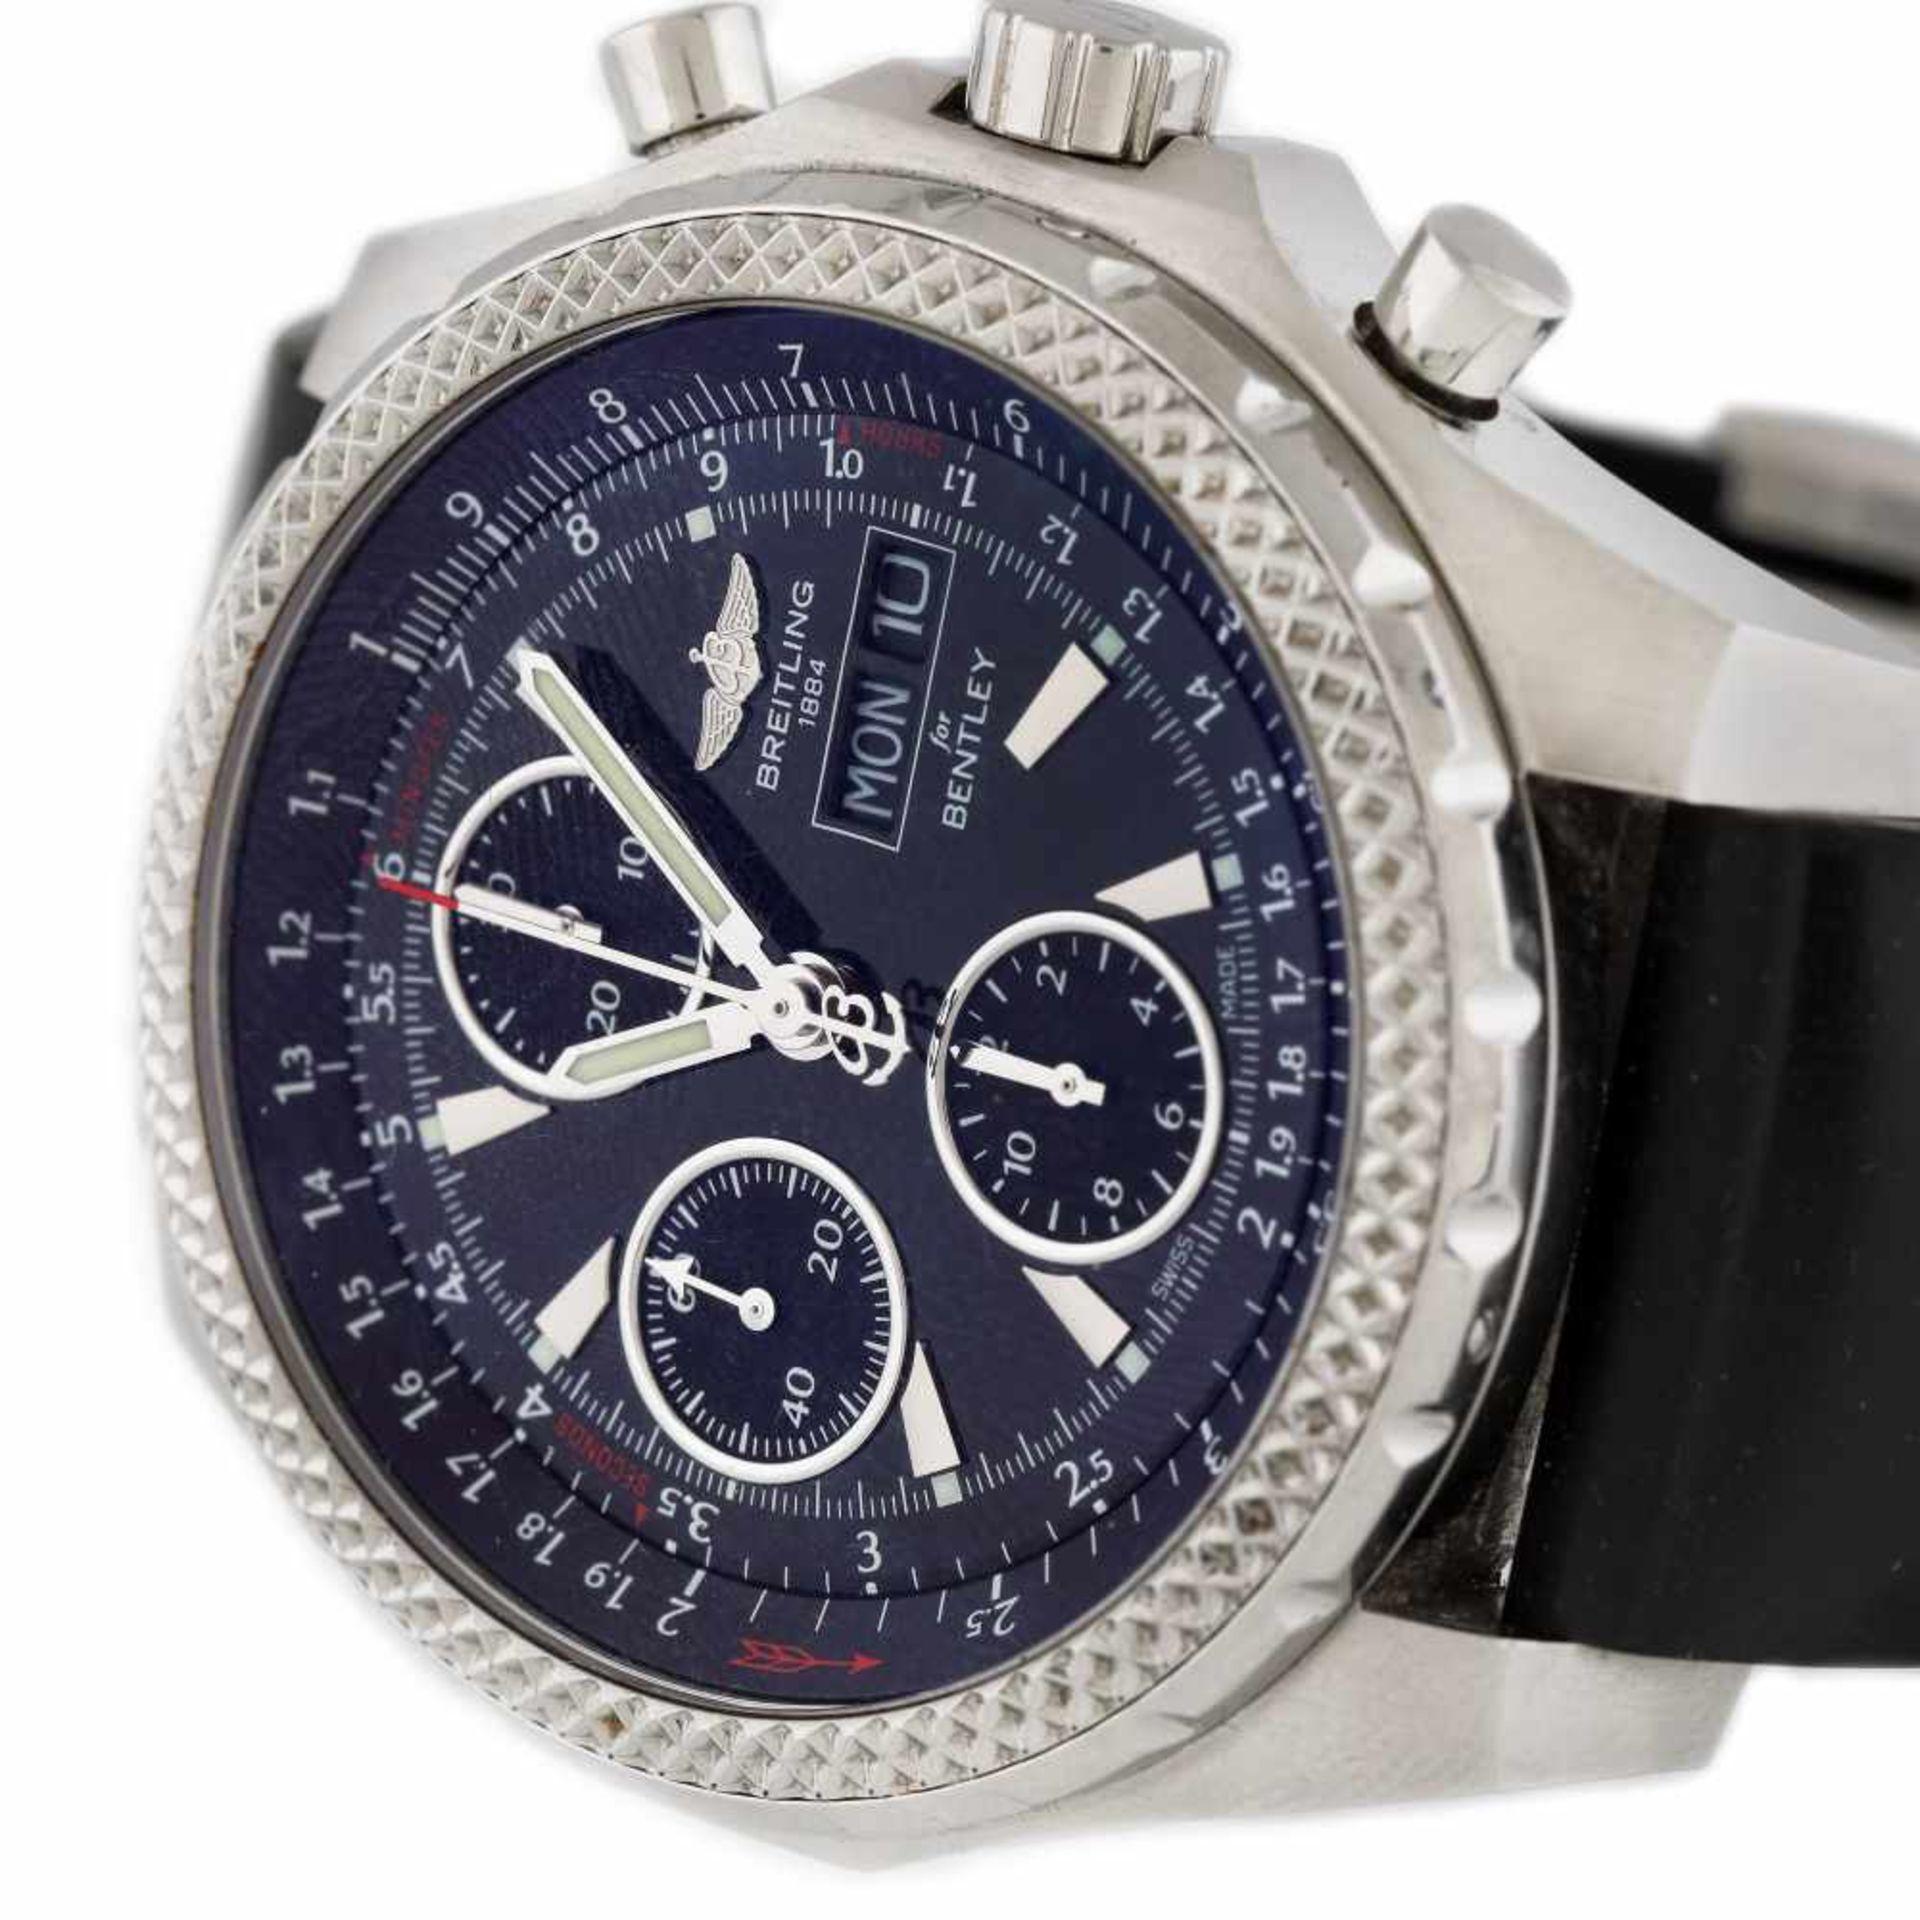 Breitling wristwatch, made for Bentley, men - Bild 2 aus 3